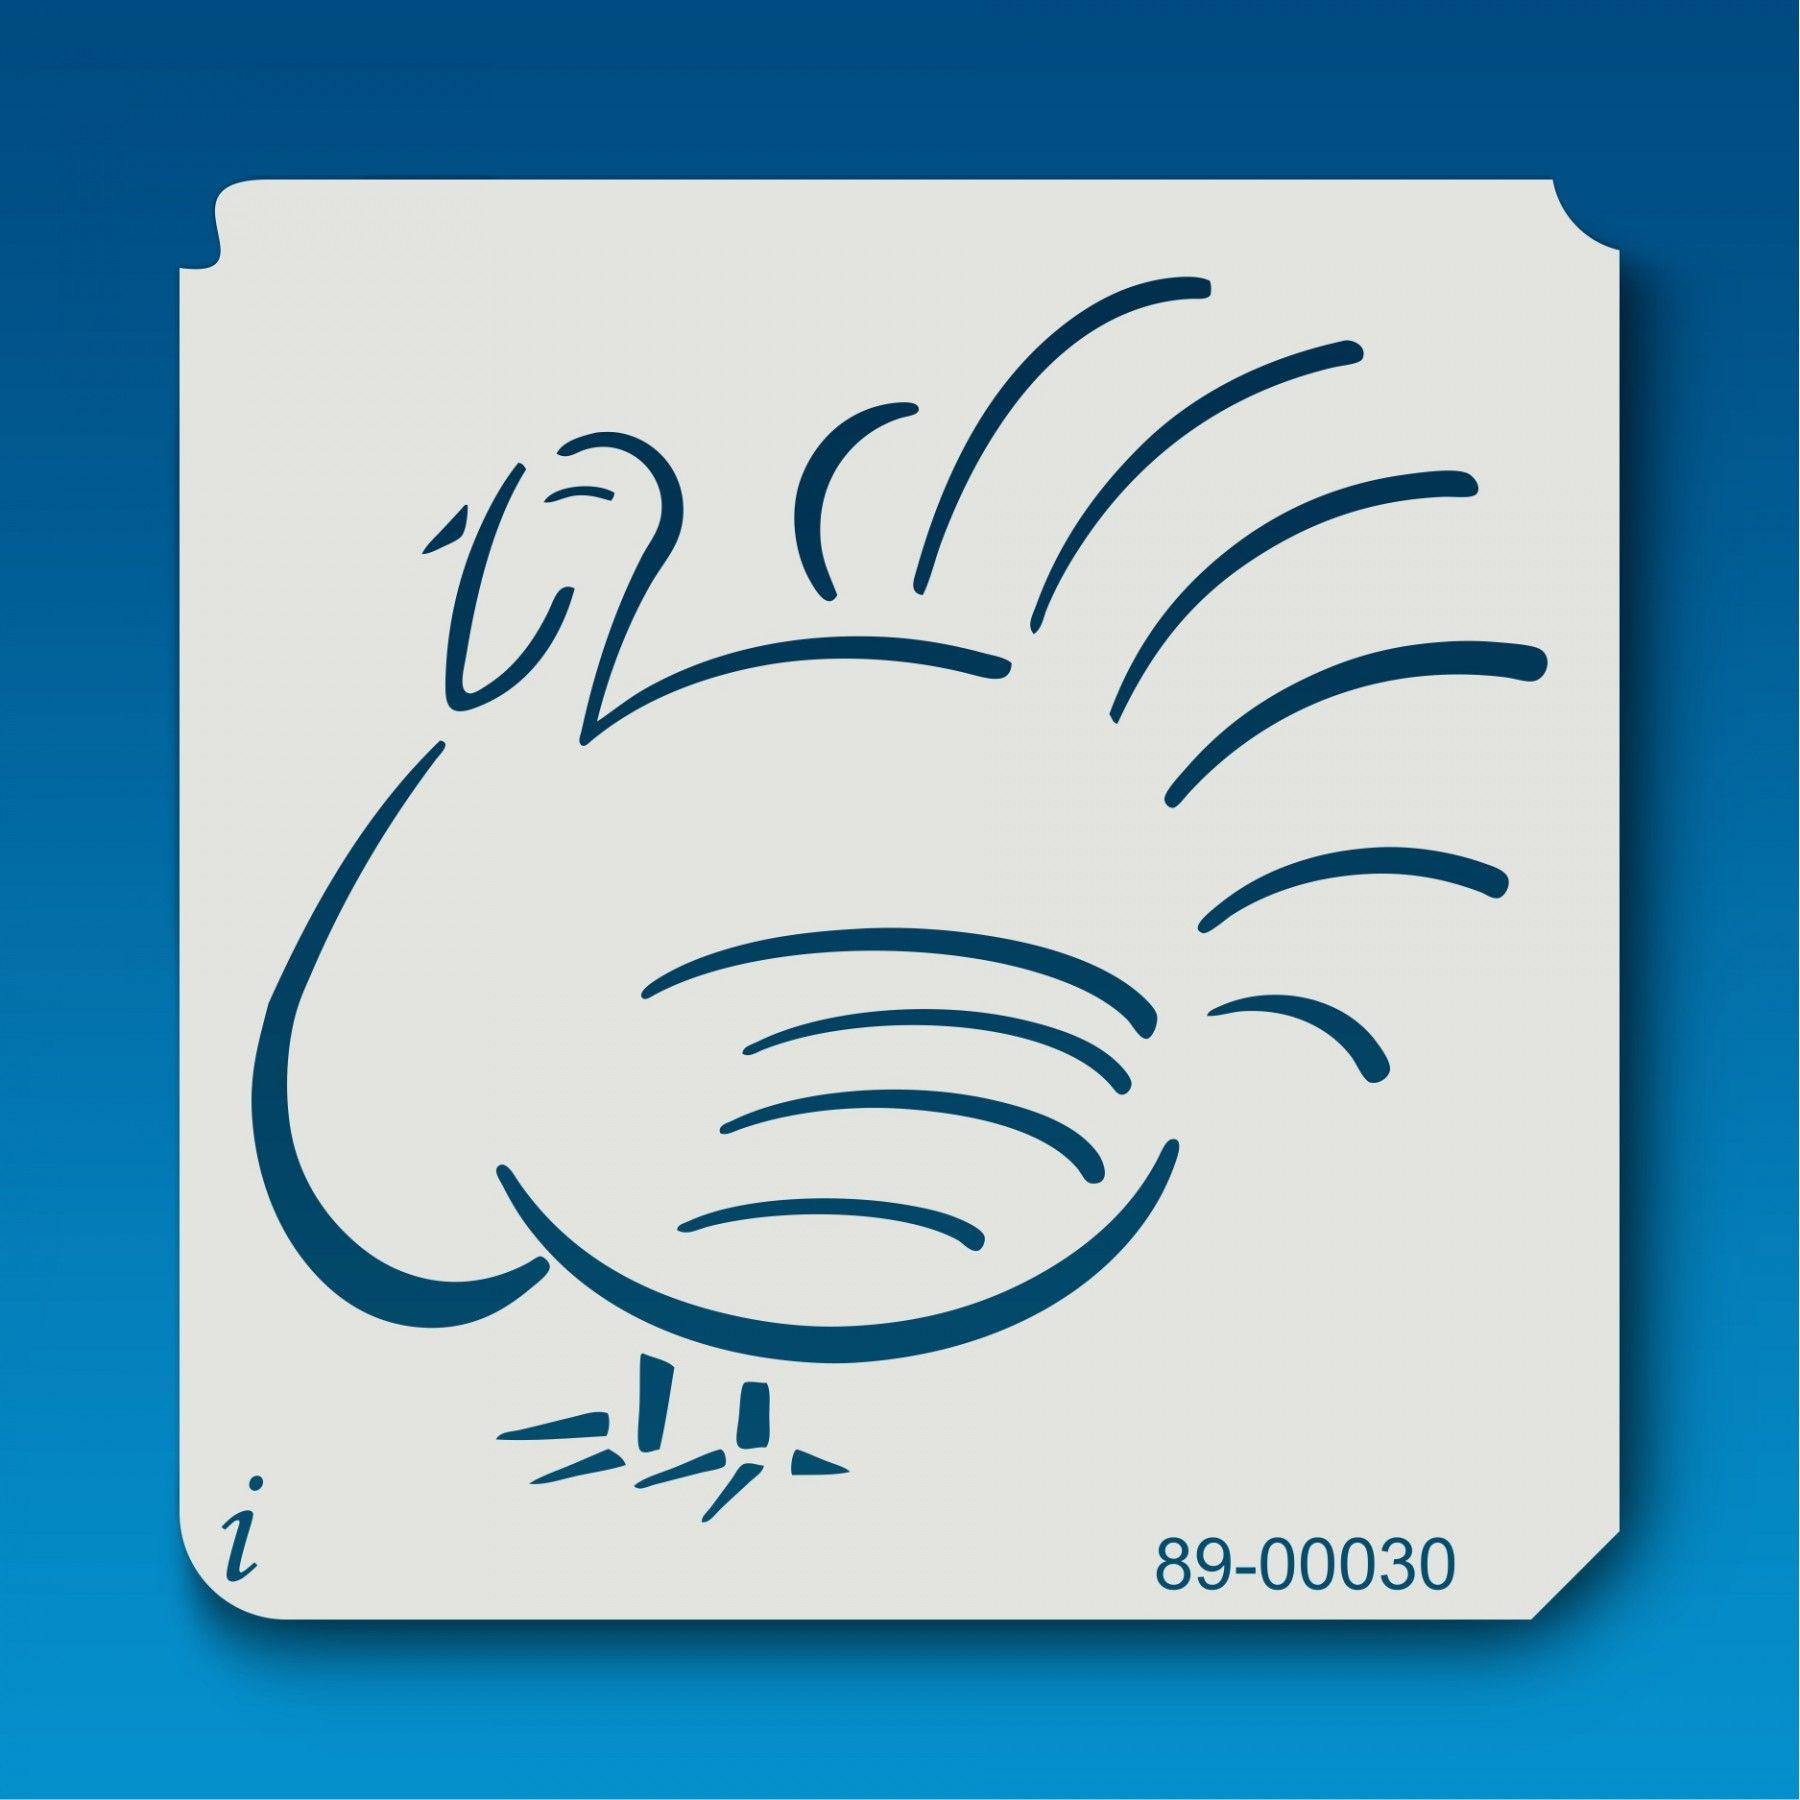 89-00030 Turkey Bird Stencil | Patterns & Design | Pinterest ...